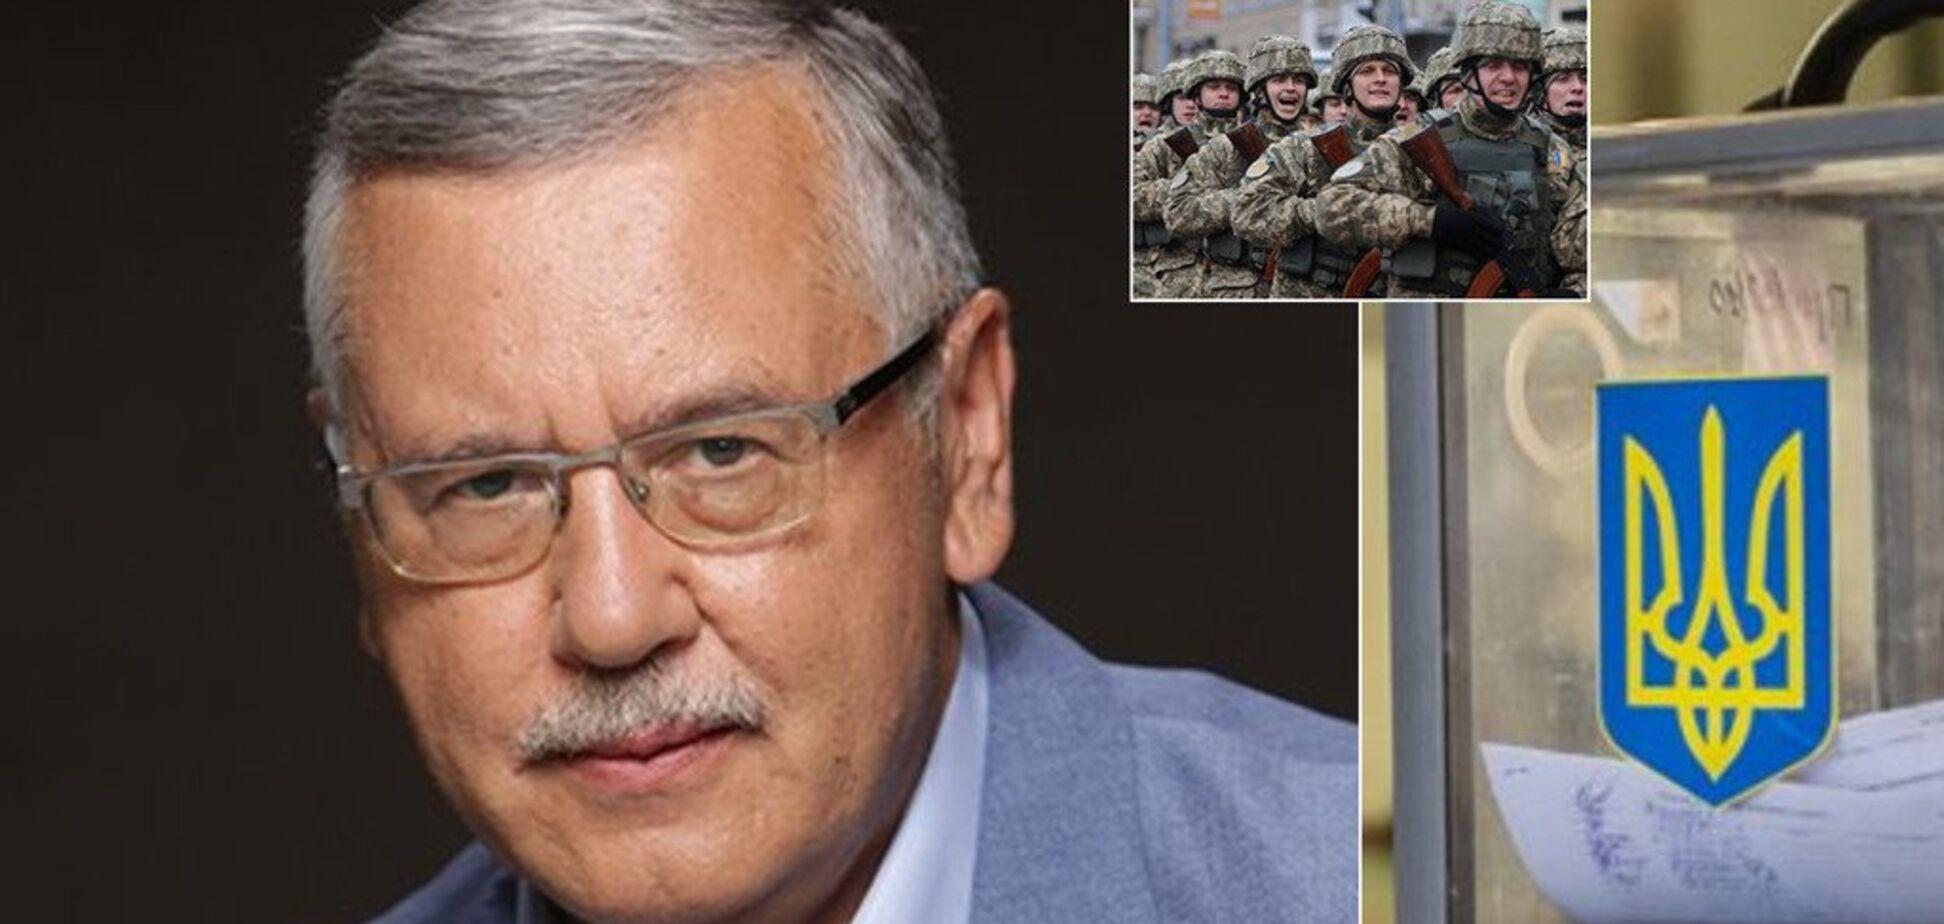 Двойное гражданство, отмена призыва и легализация оружия: что планирует Гриценко